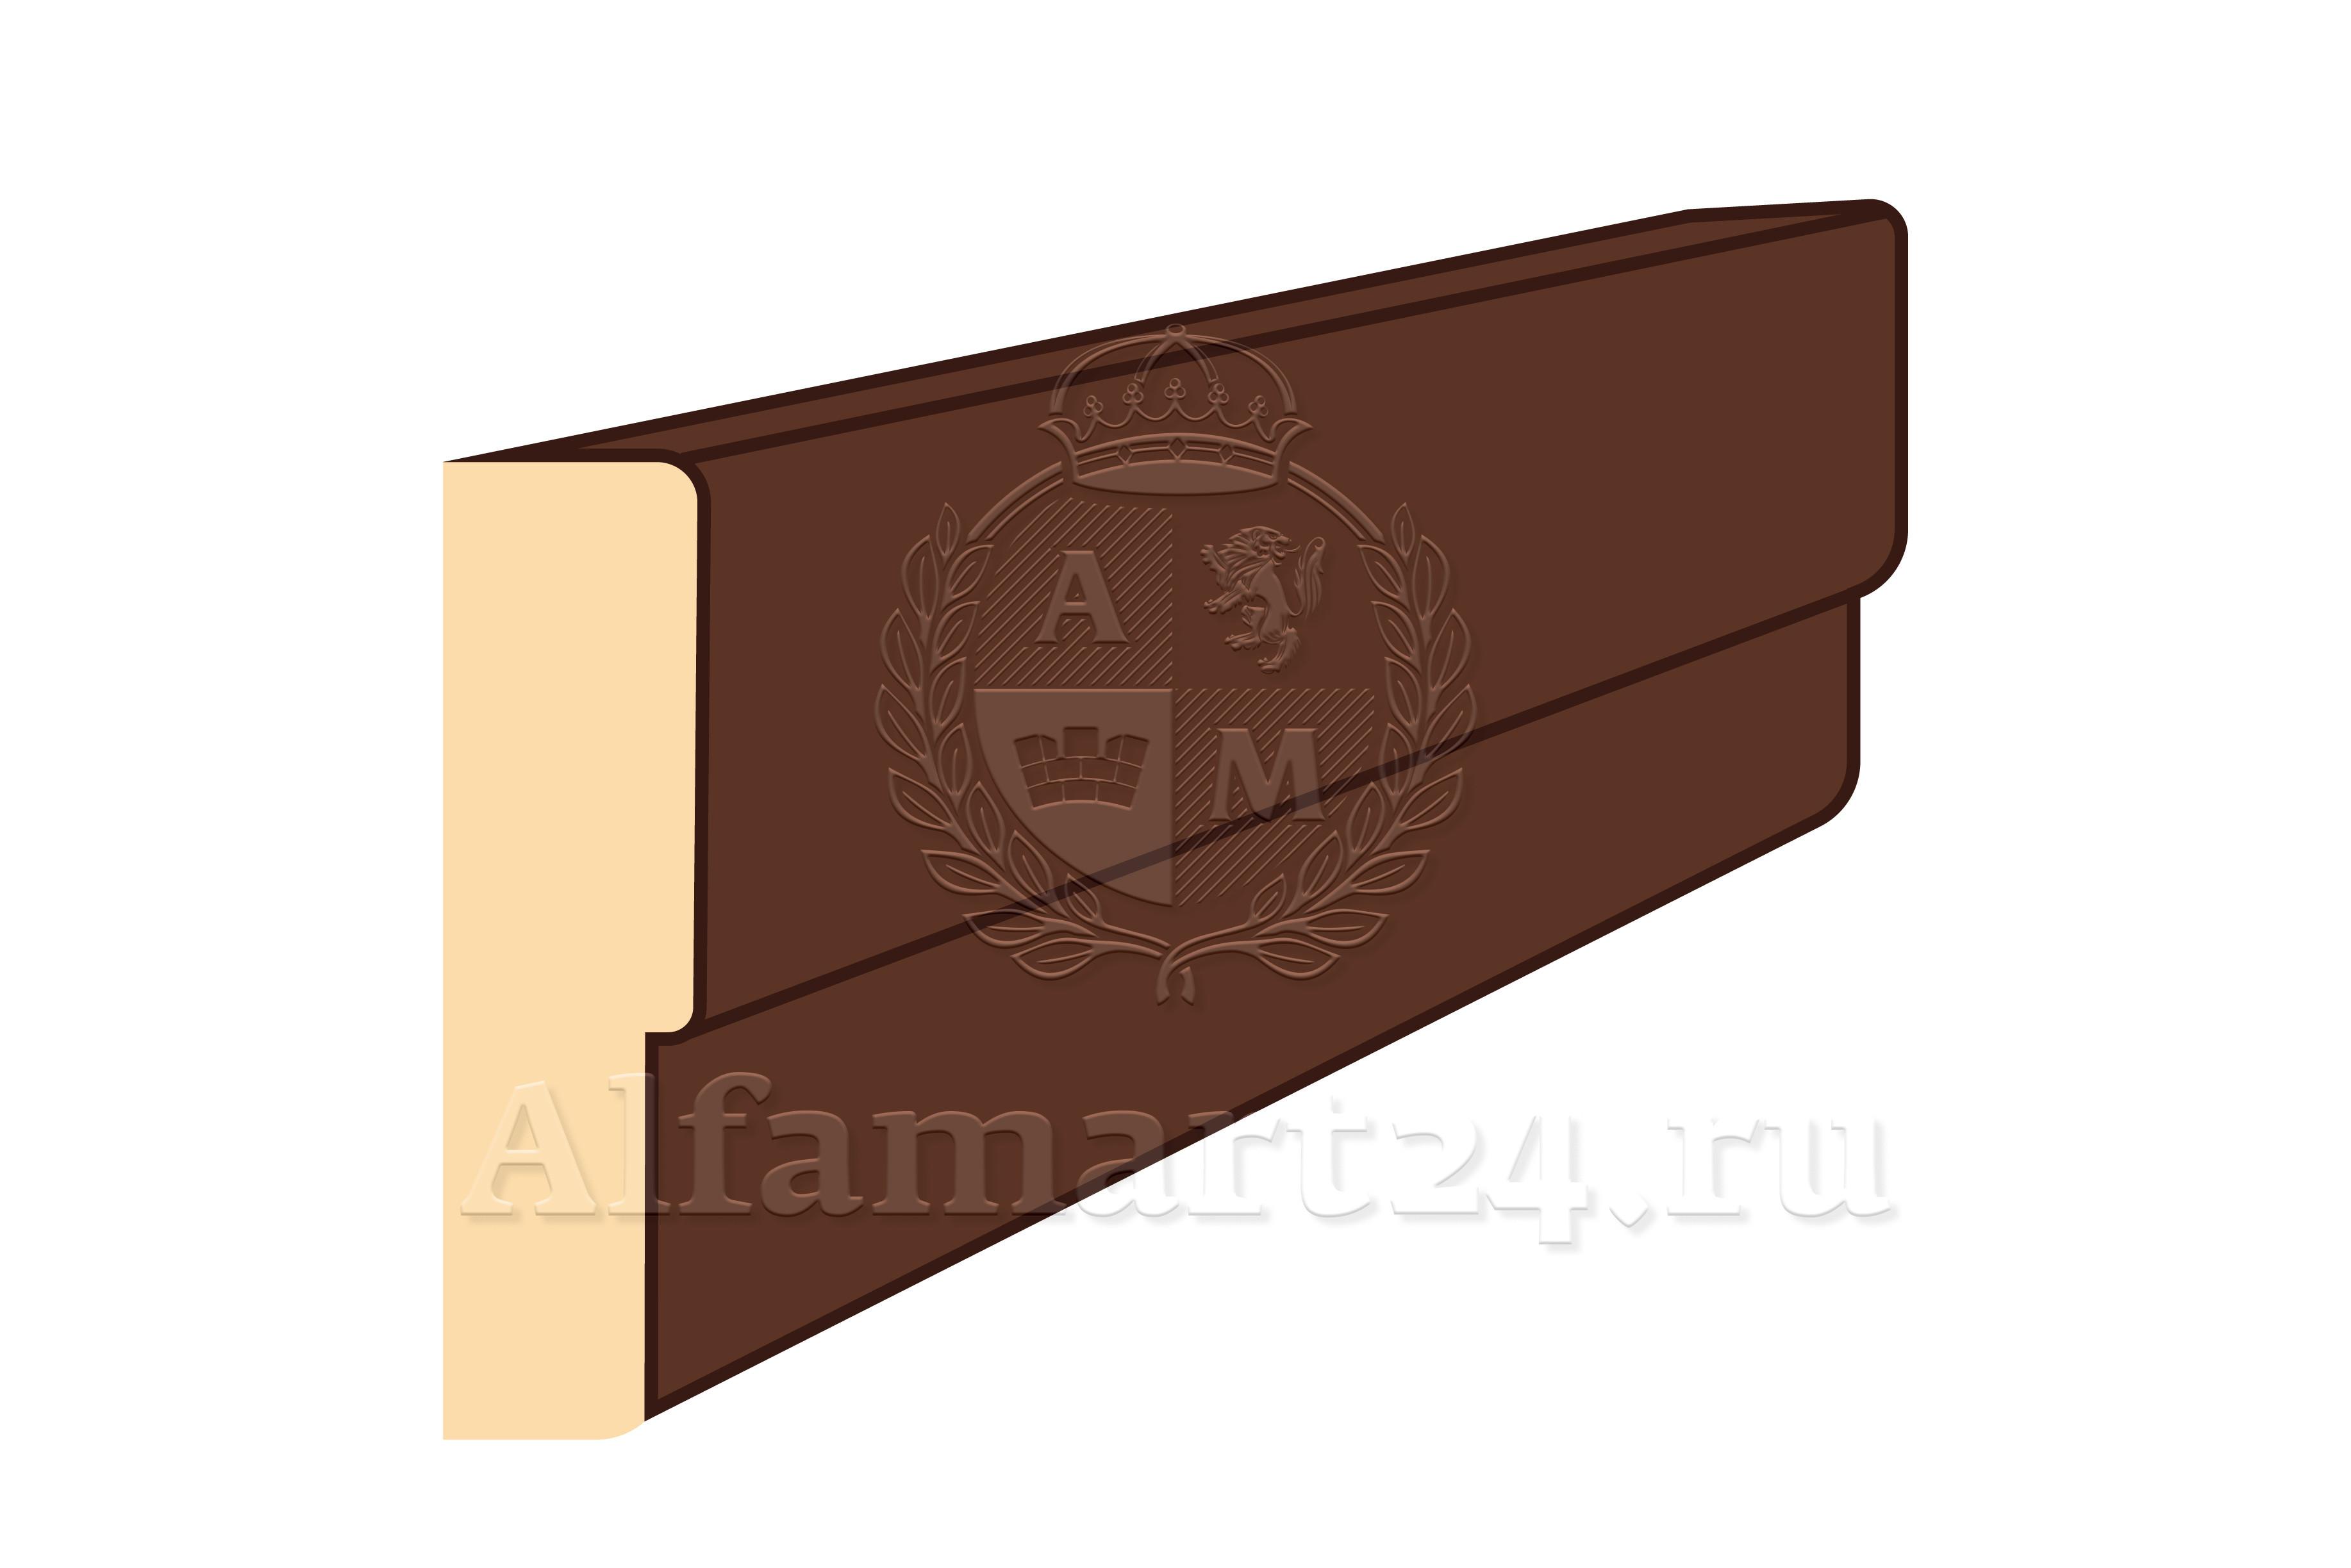 Комплект МК коробка, наличник, притвор 21-13... 17 (пр/л) с фурнитурой